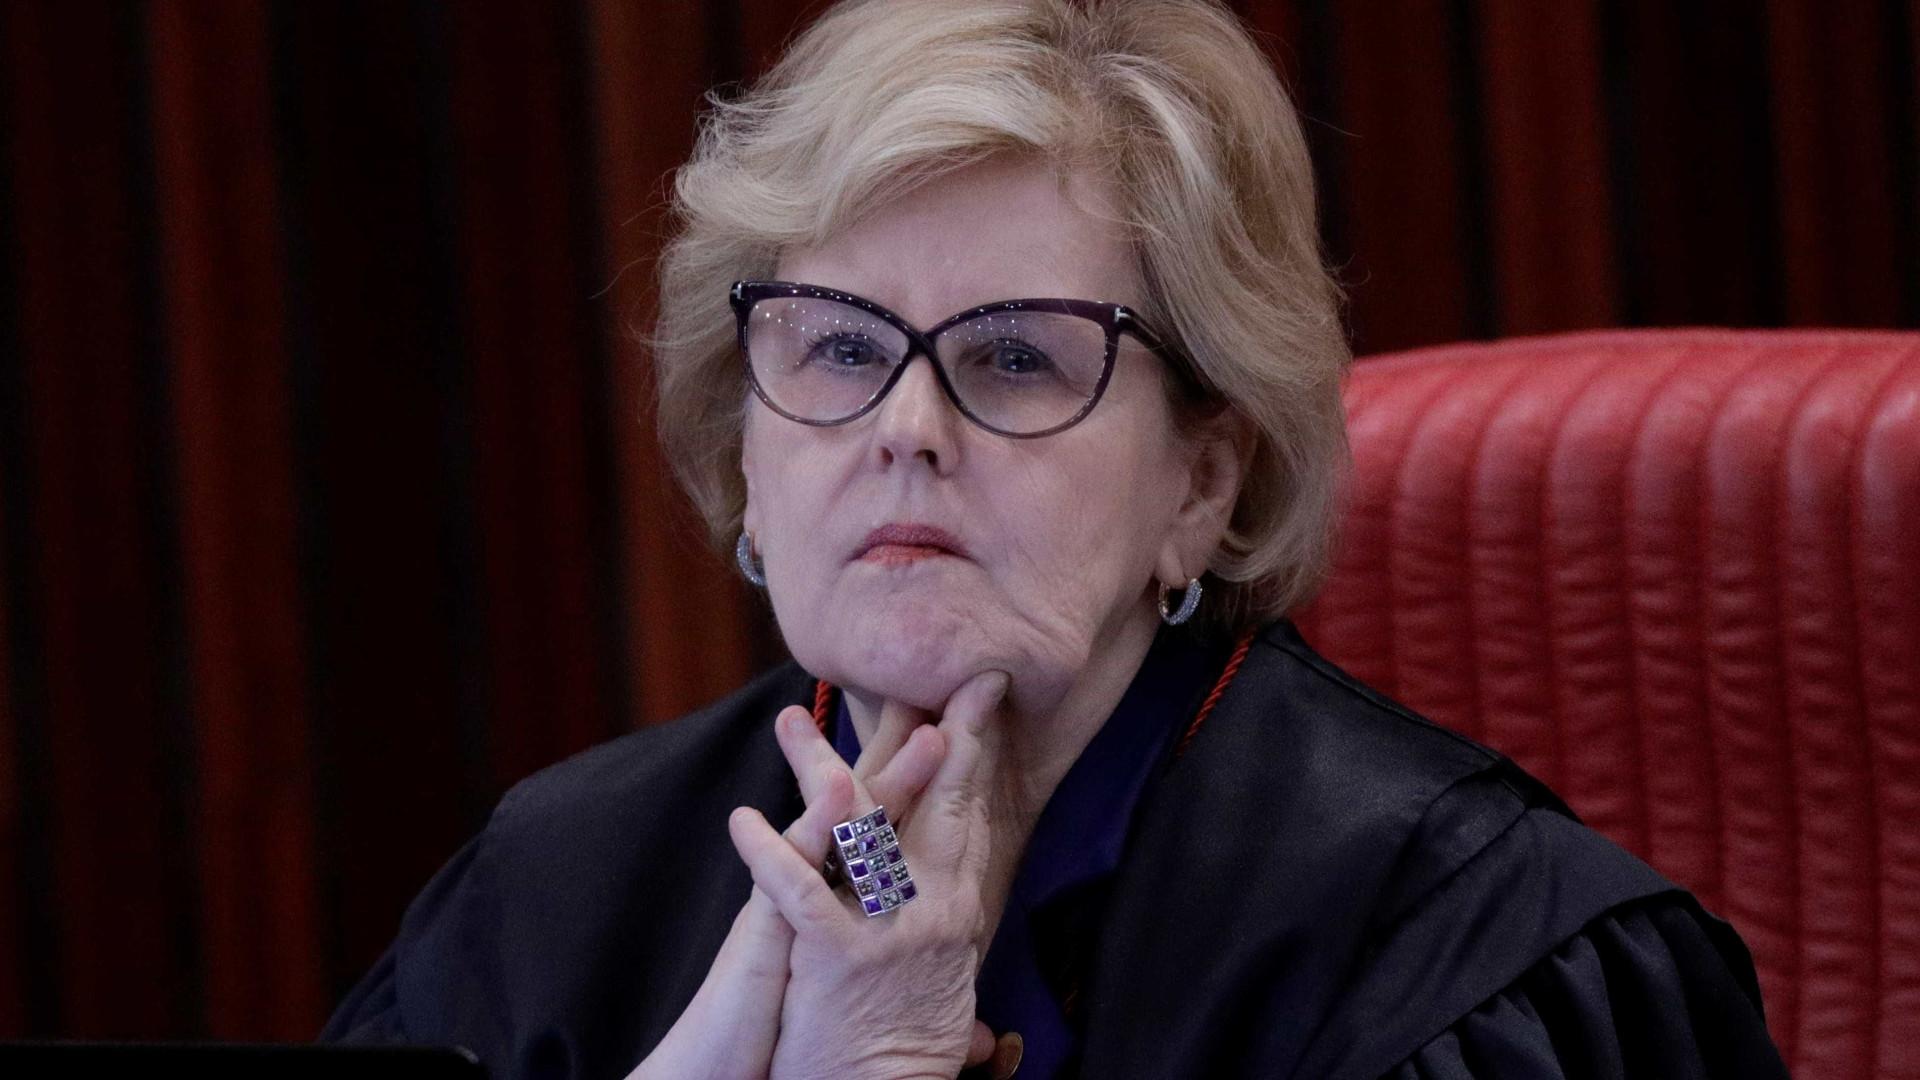 Ministra Rosa Weber é eleita presidente do TSE e sucede Luiz Fux